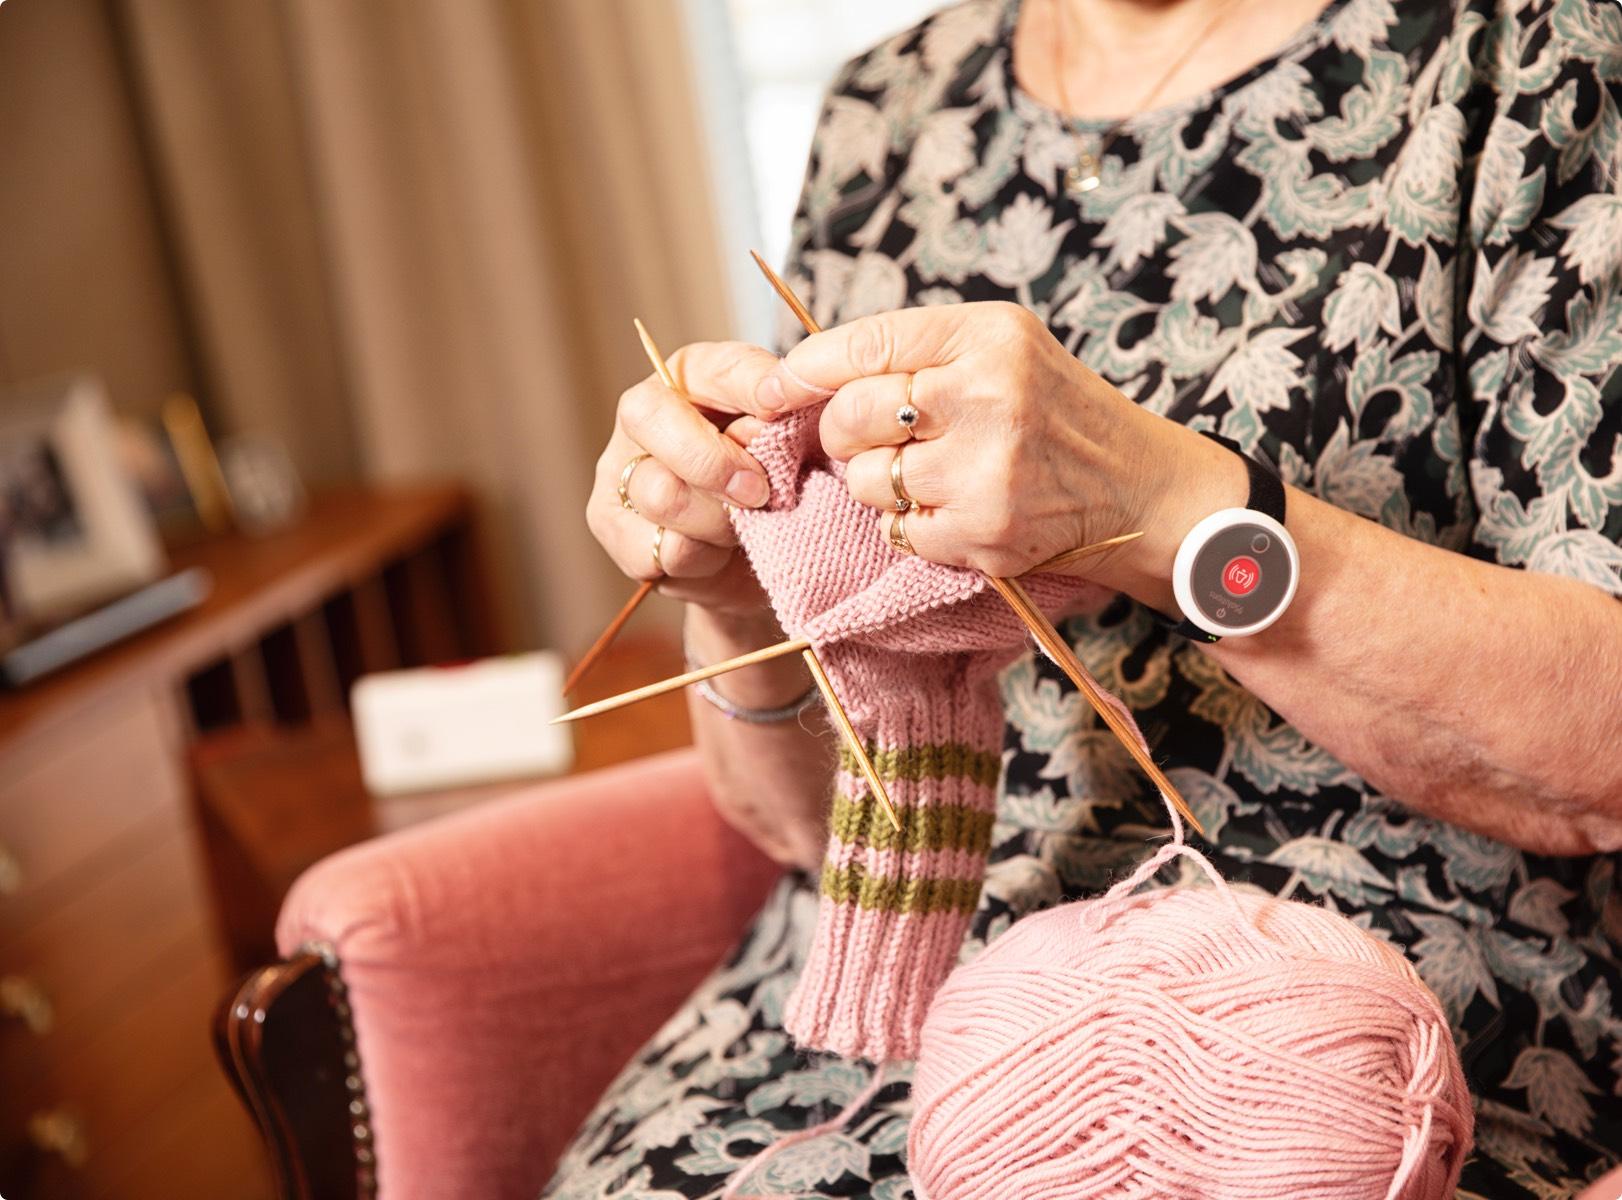 Kokonaisvaltainen kotihoidon palvelualusta tukee ikääntyneen itsenäistä elämää omassa kodissa ja helpottaa kotihoidon työtä. Järjestelmään kuuluu turvapuhelimen lisäksi turvaranneke, etähoiva- ja etämittausratkaisut, älykäs poistumistunnistin sekä aktiivisuusseuranta.